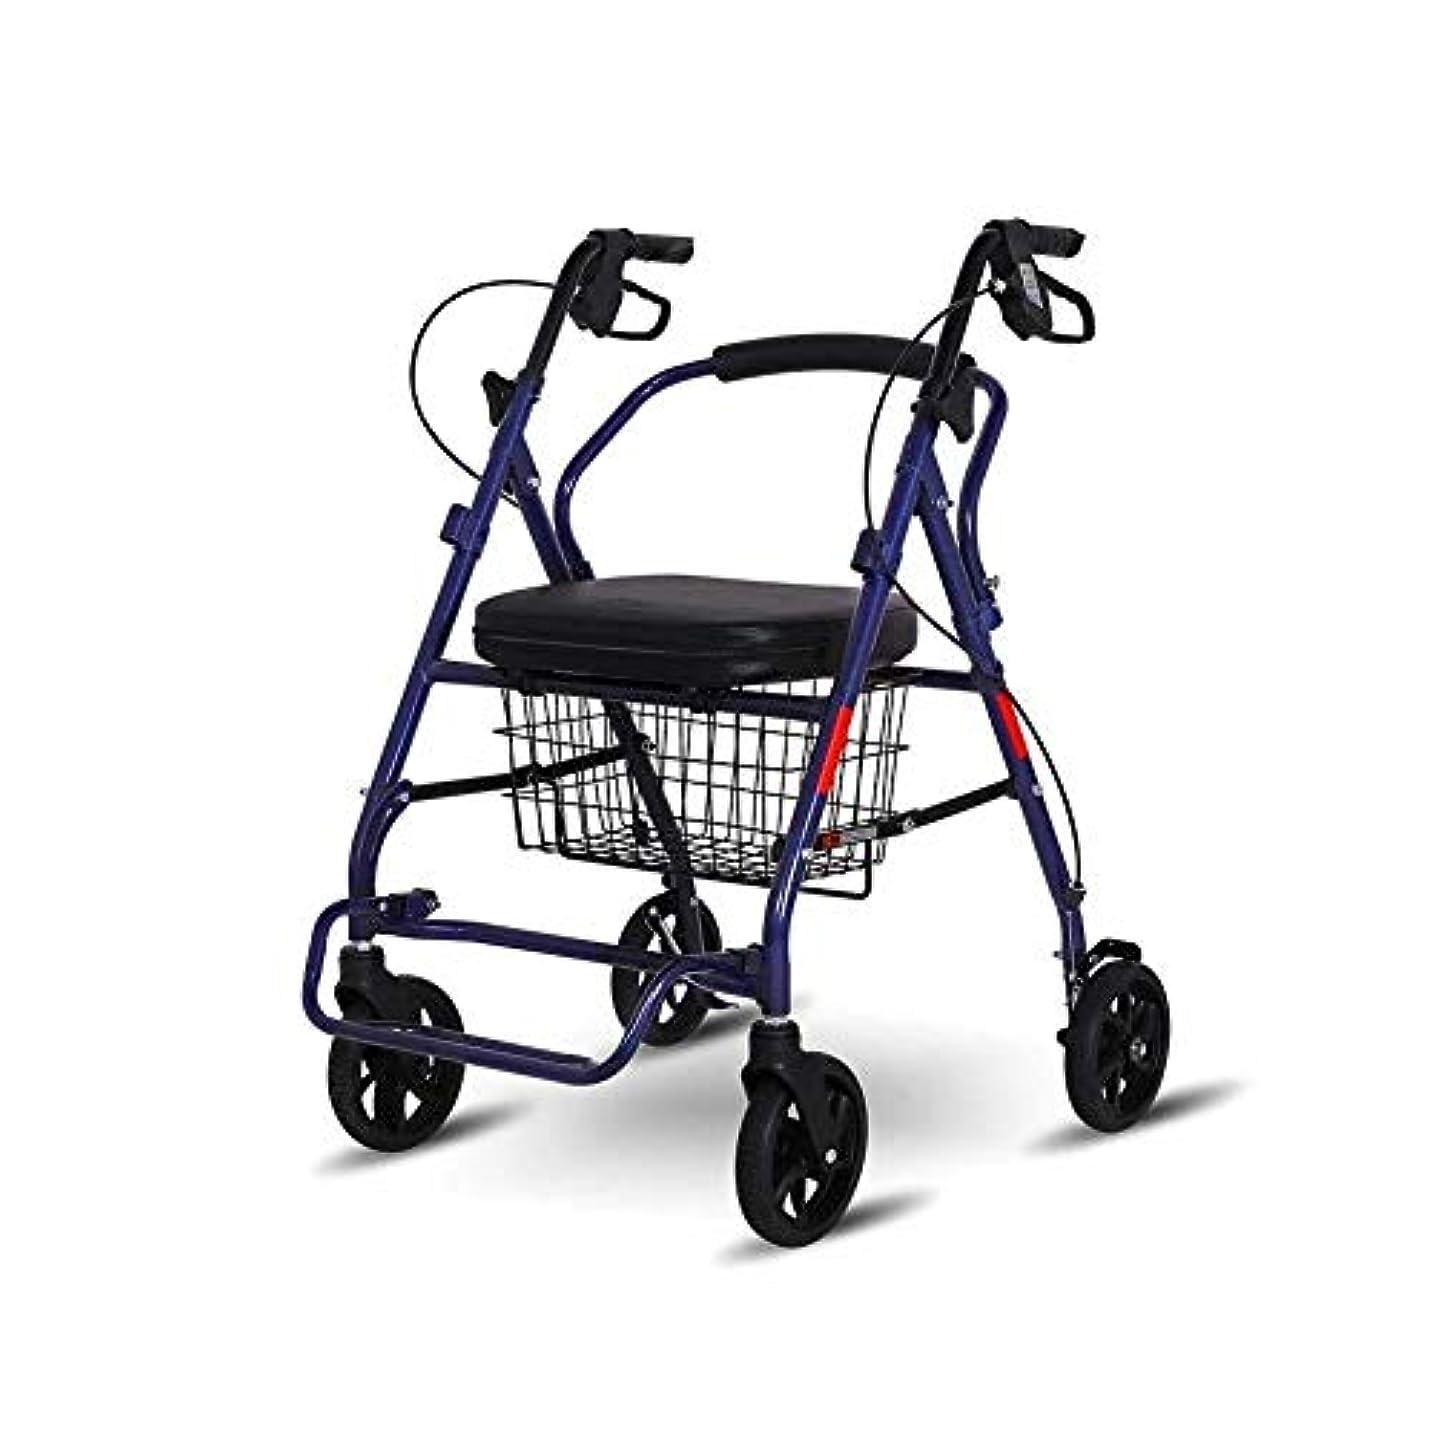 悪性腫瘍伝記行商折りたたみ式歩行歩行器、パッド入りシート&背もたれ、ロック可能なブレーキ、フットレスト、歩行補助